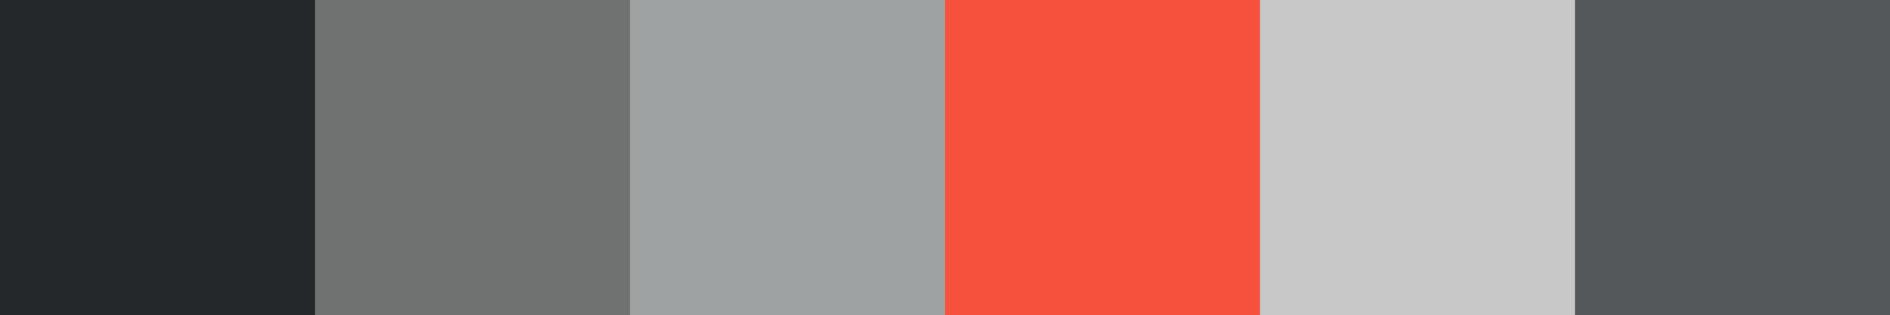 color-palette-shape-clay